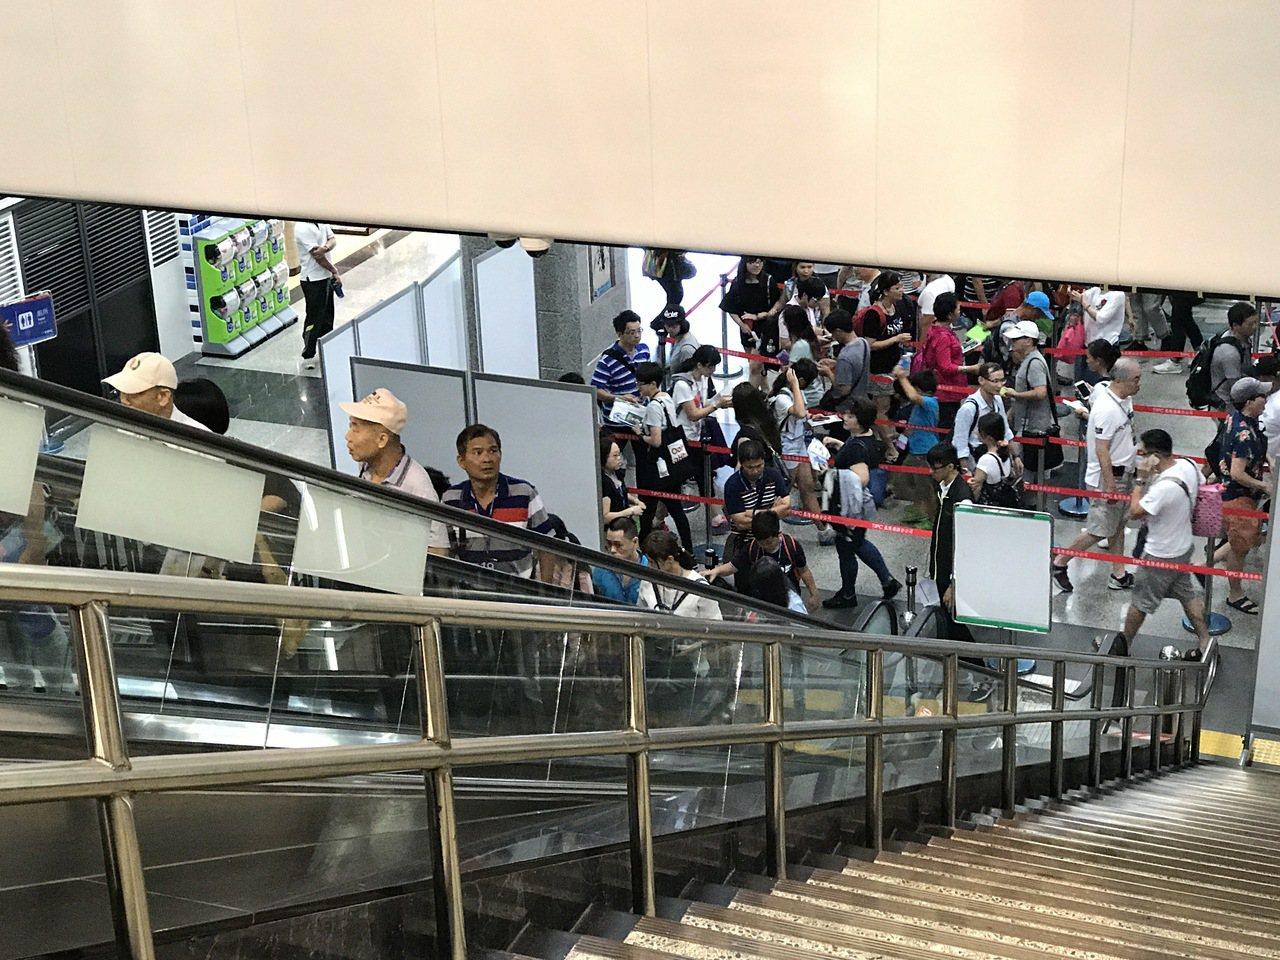 來基隆港搭郵輪的遊客,常從二樓滿到一樓再滿到門口。記者吳淑君/攝影